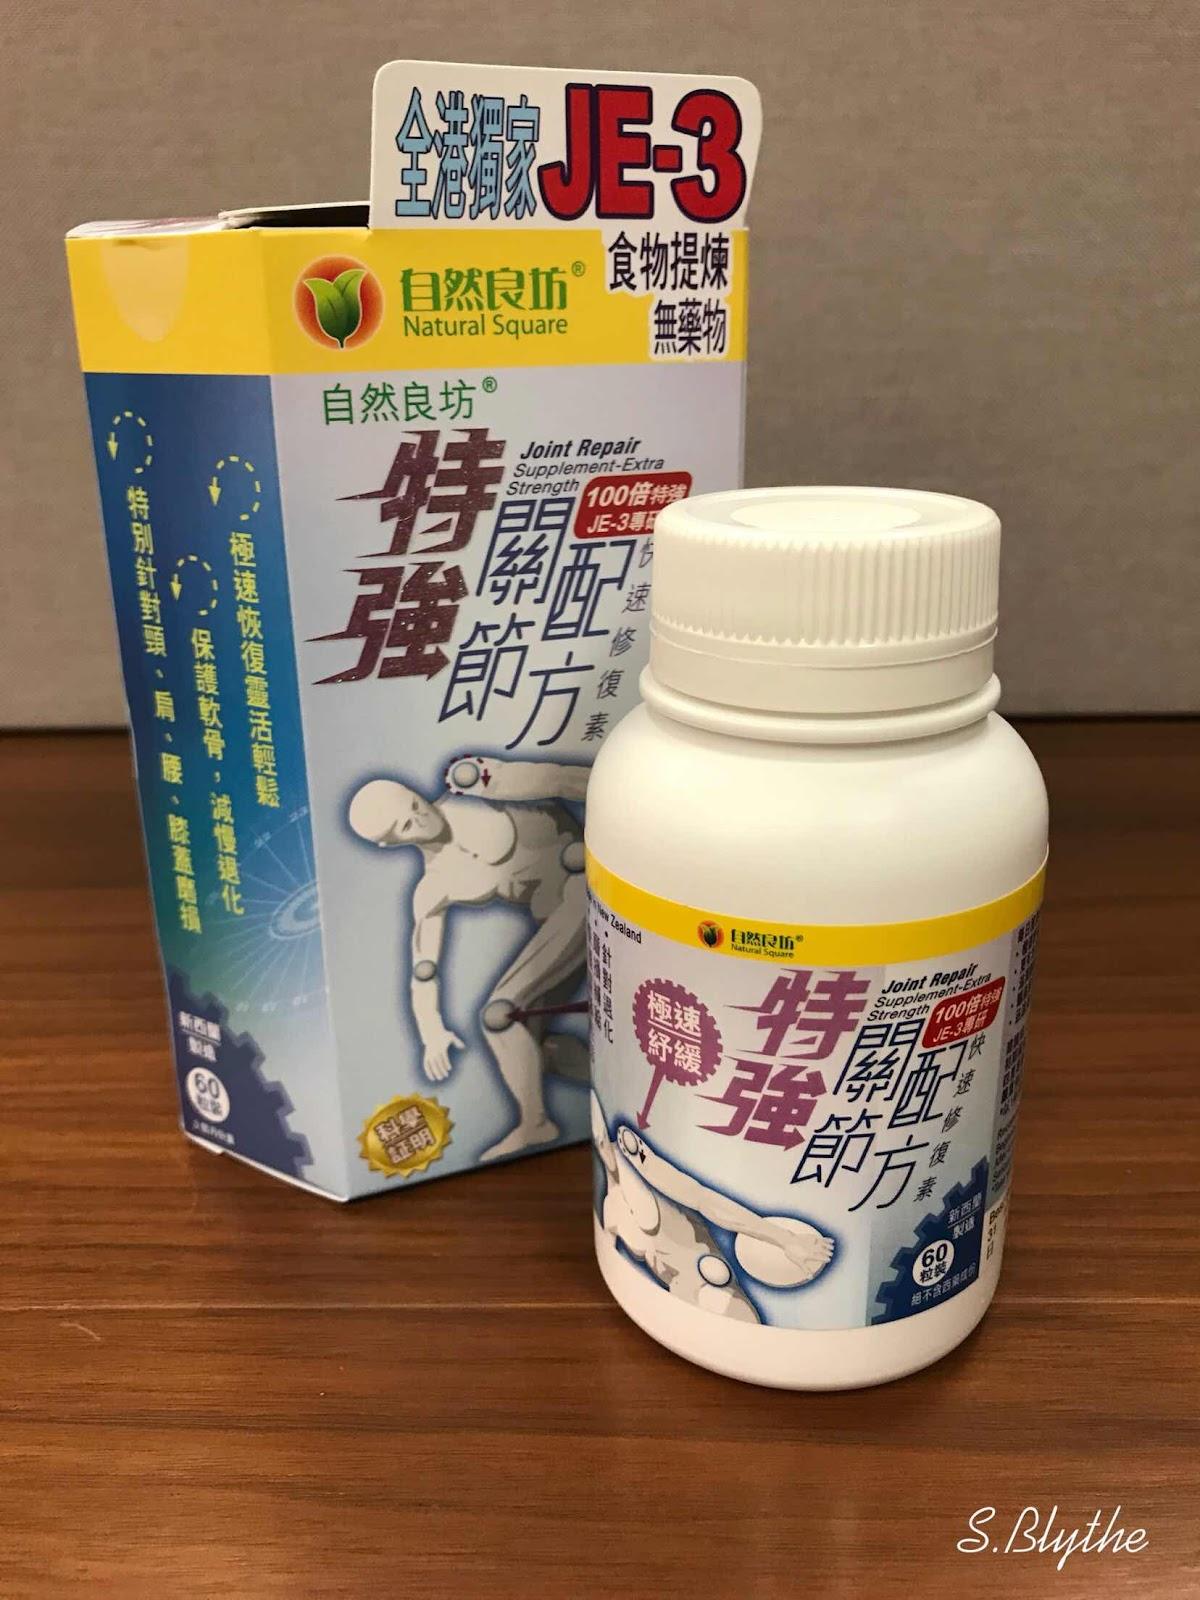 強化關節骨膠原及軟骨組織,自然良坊特強關節配方